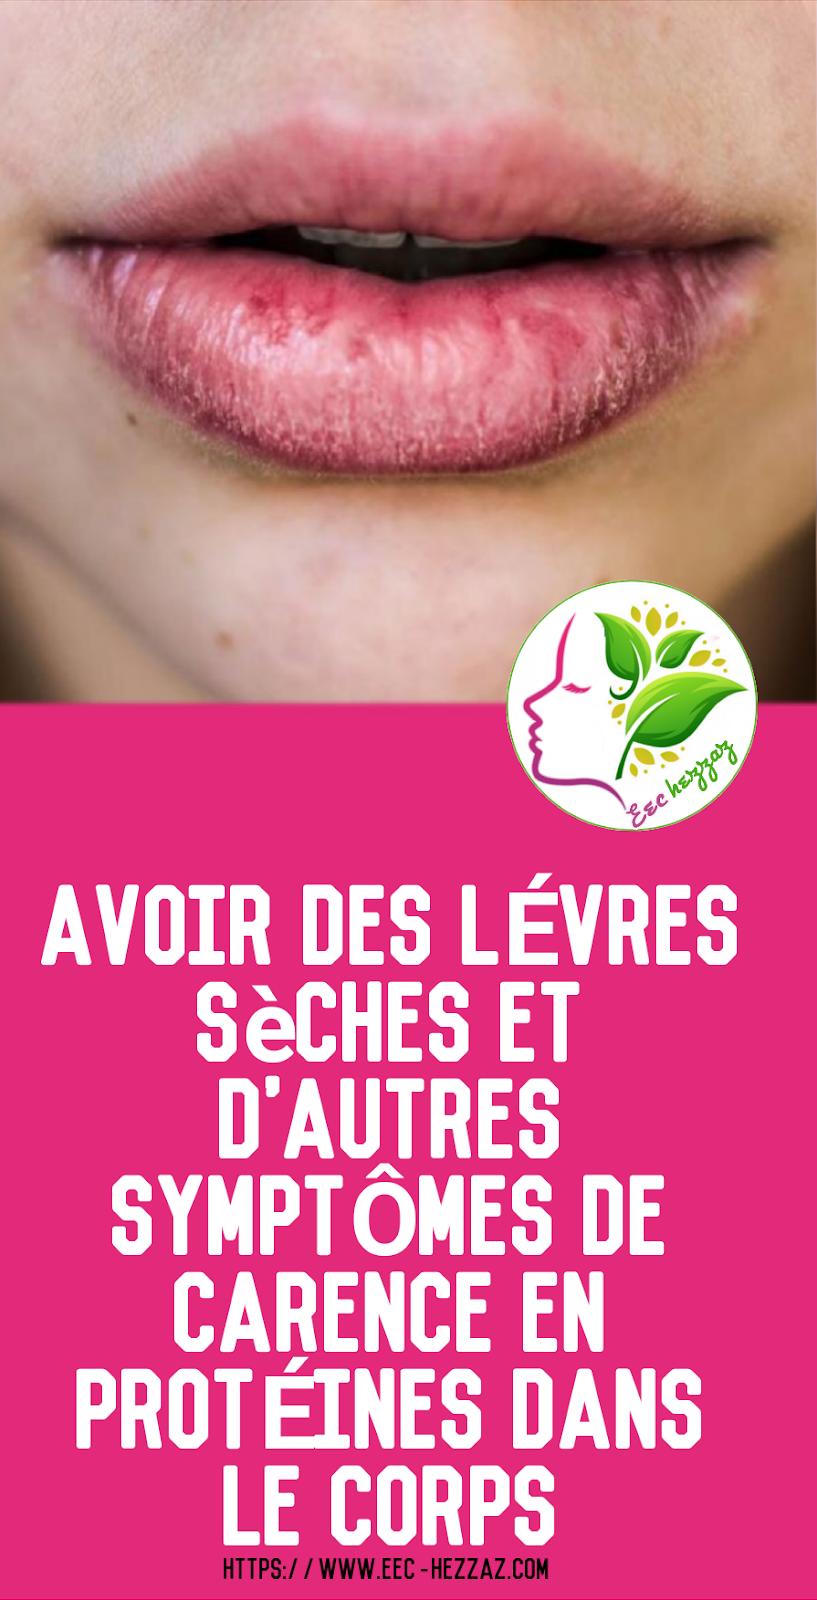 Avoir des lèvres sèches et d'autres symptômes de carence en protéines dans le corps